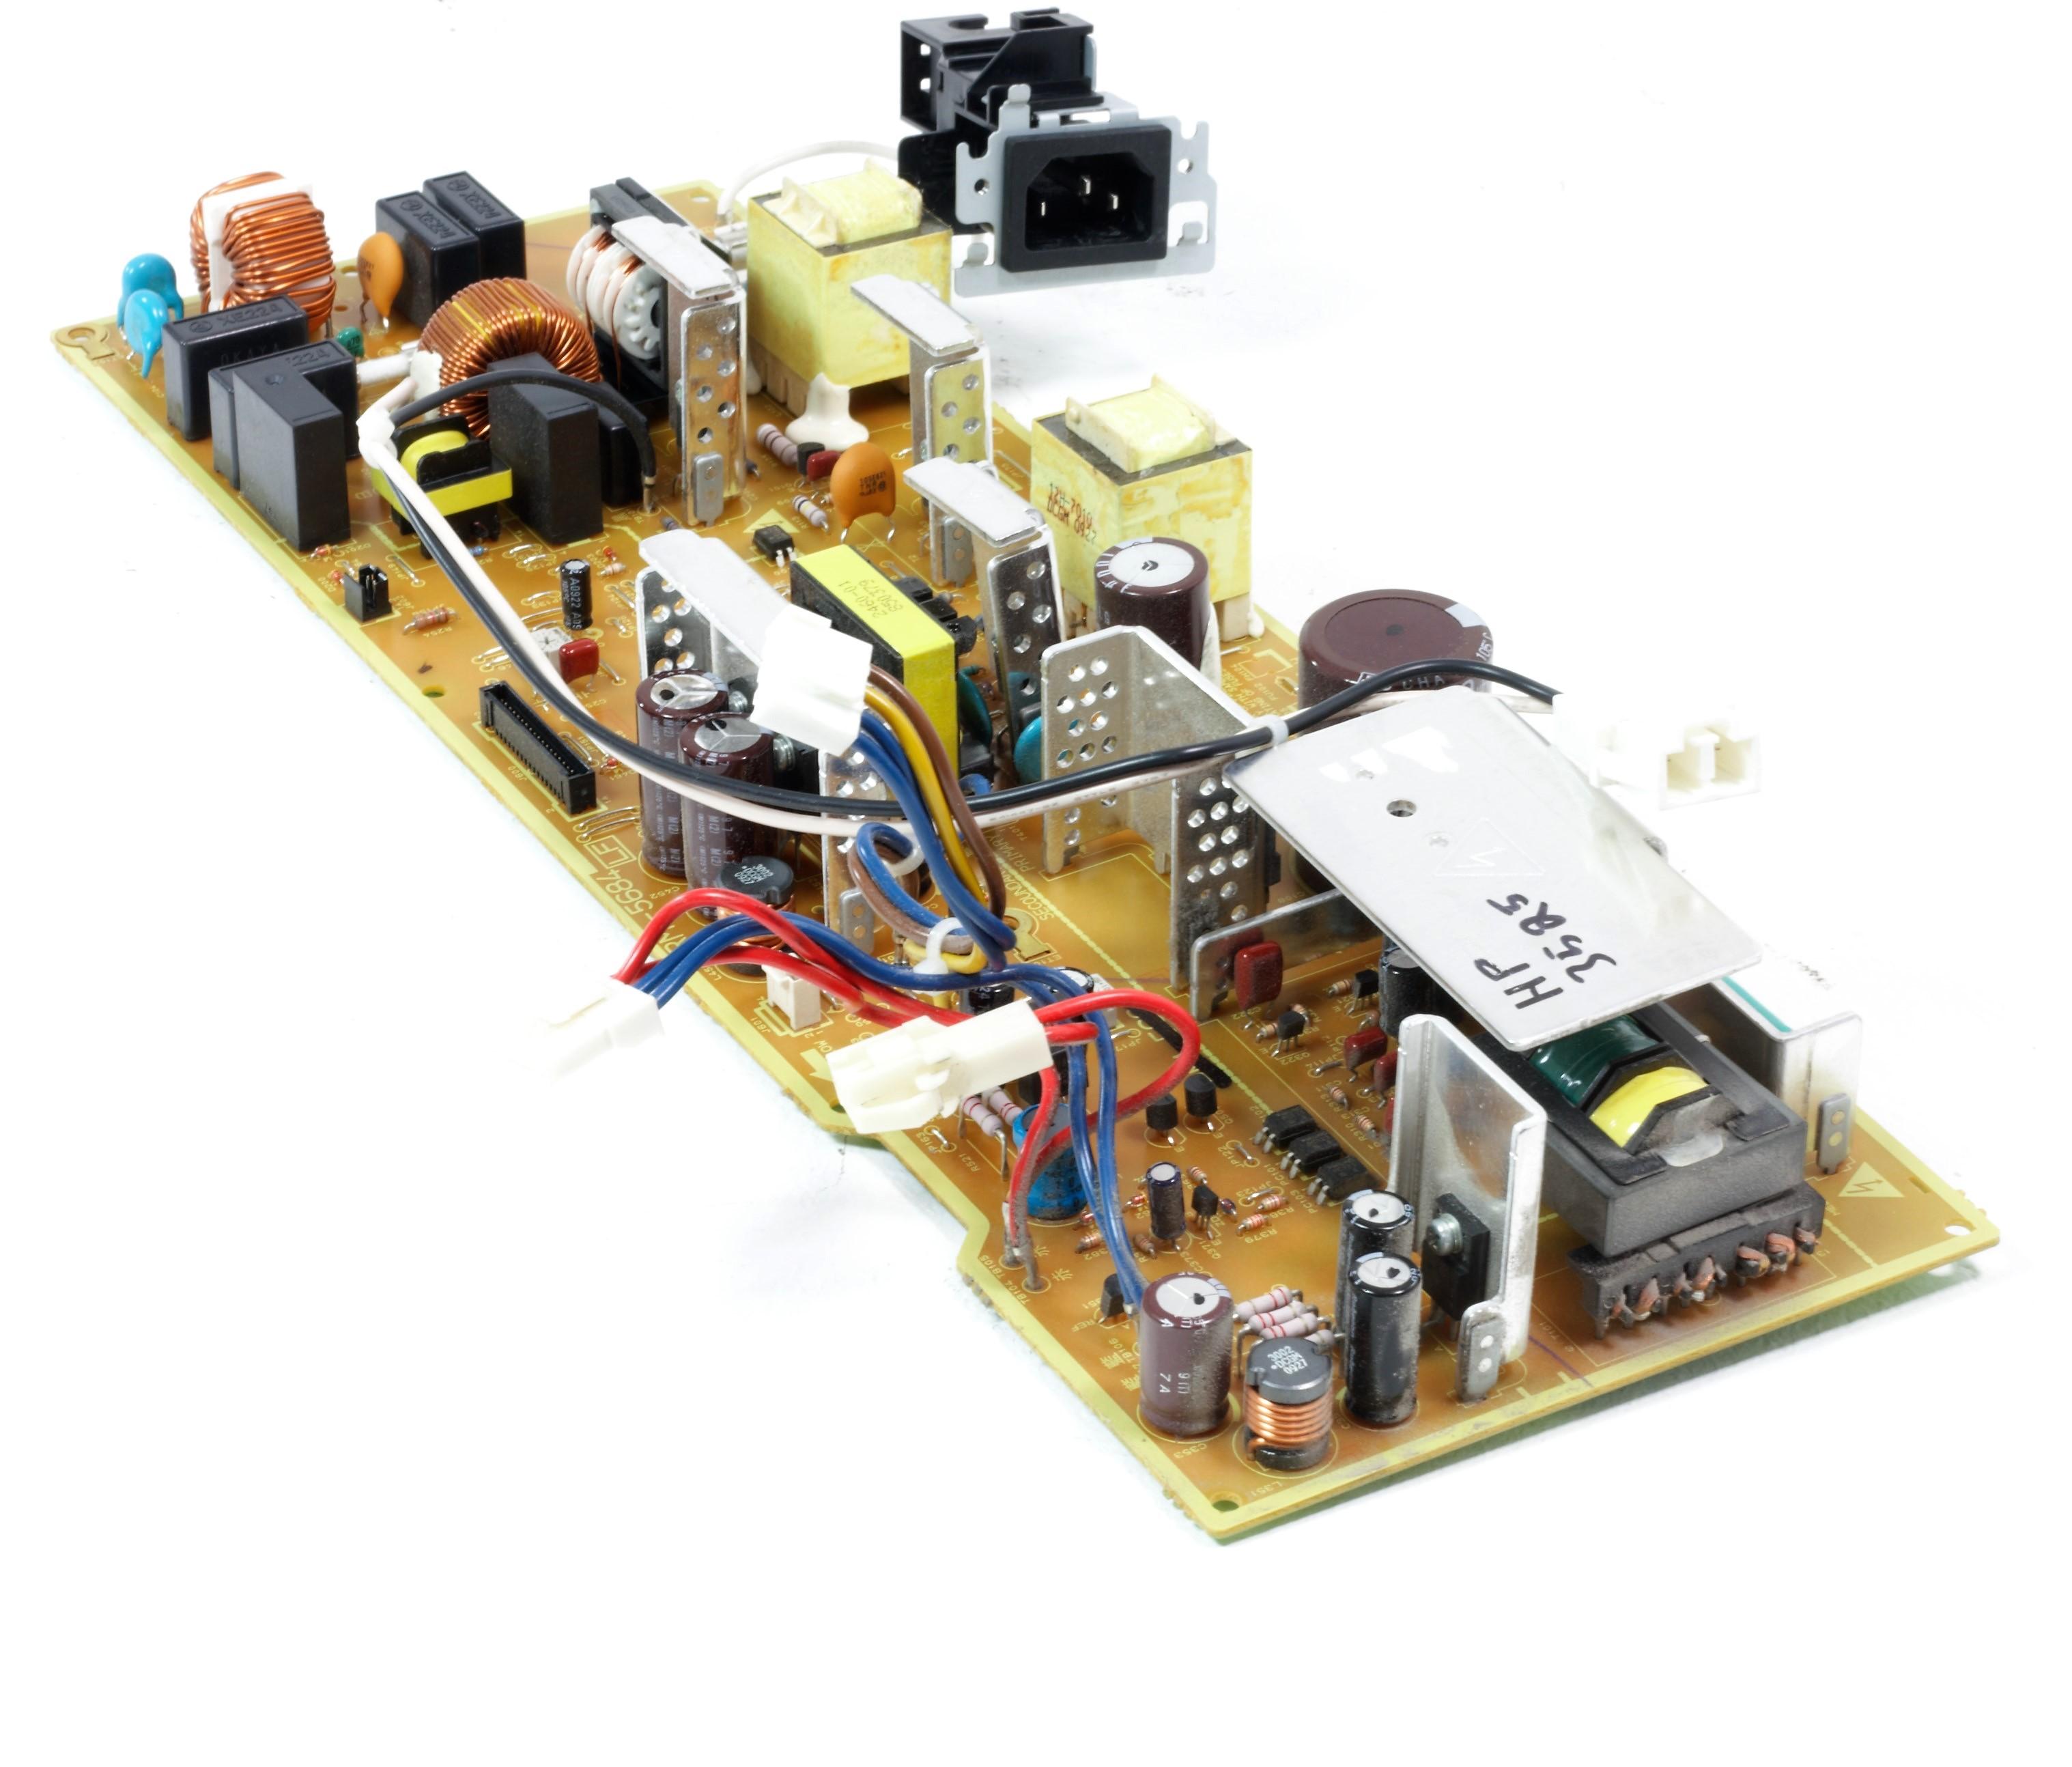 HP Netzteil RM1-8092 POWER SUPPLY für Laserjet 500 M551 M570 gebraucht